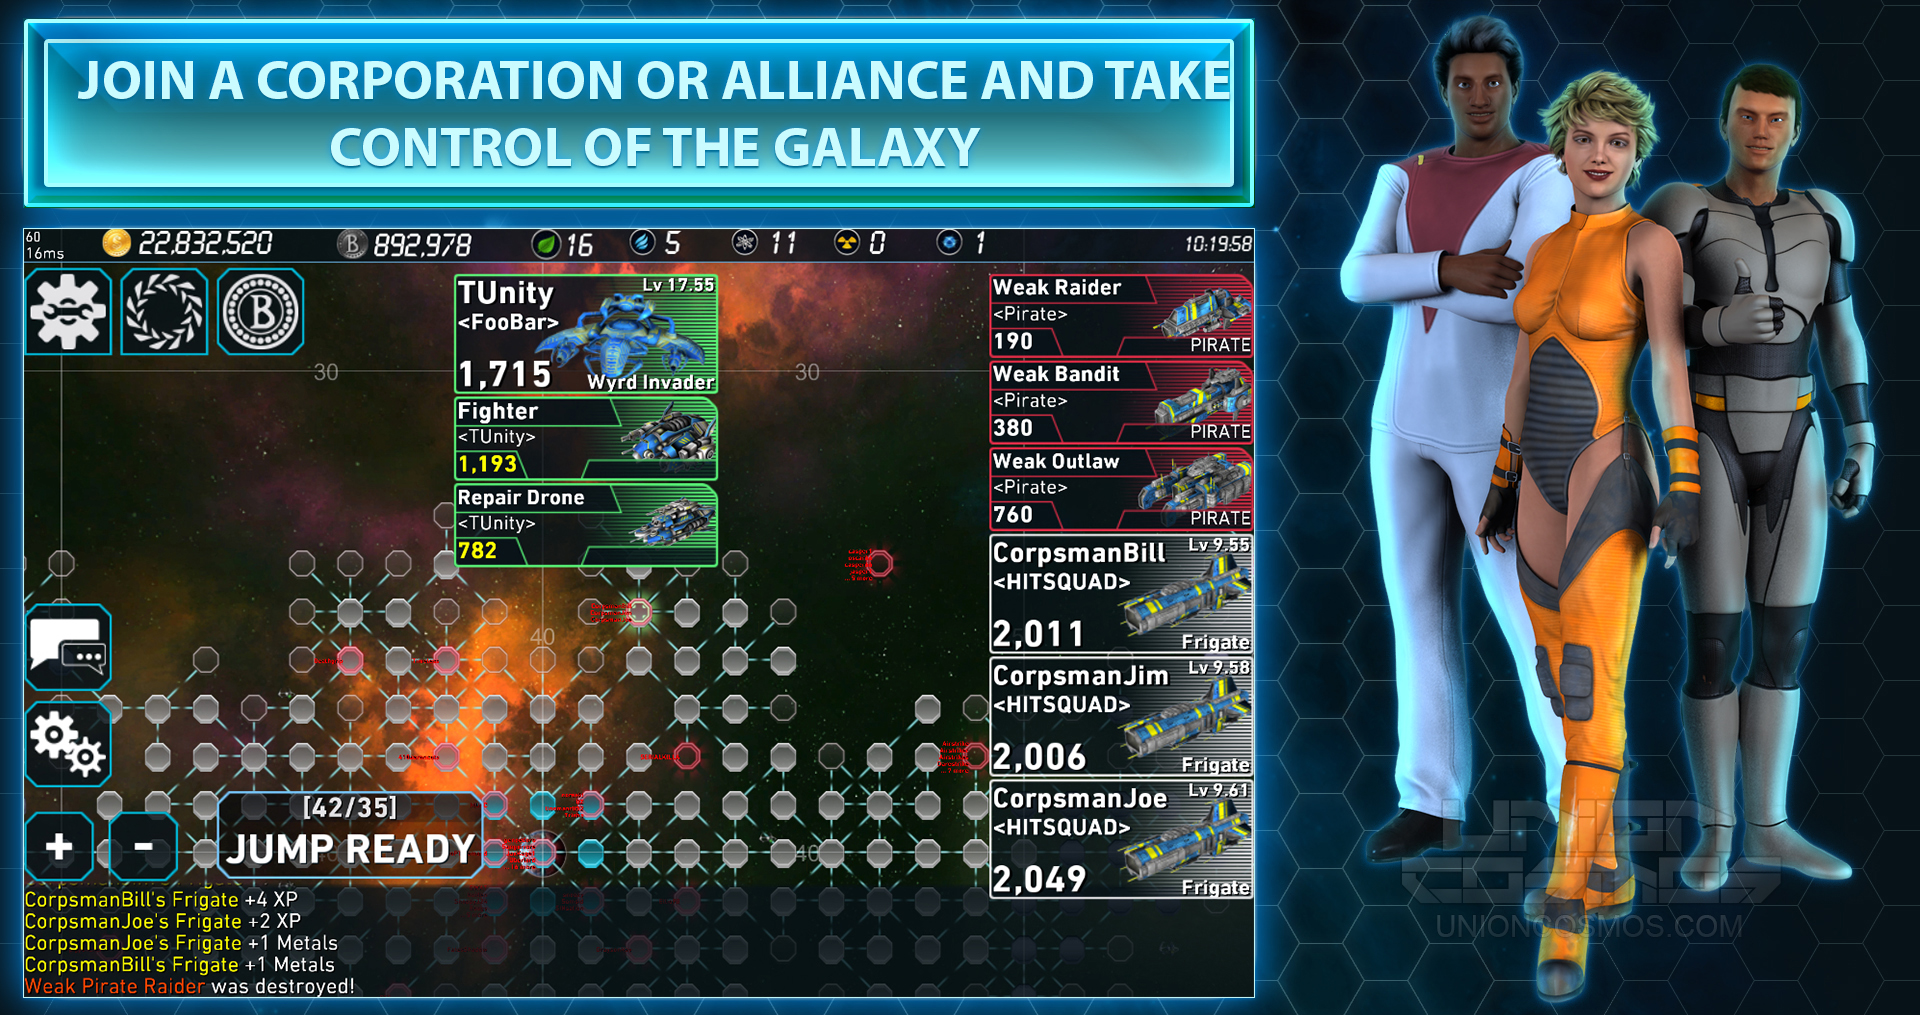 union-cosmos-the-infinite-black-alianzas-y-ayudas